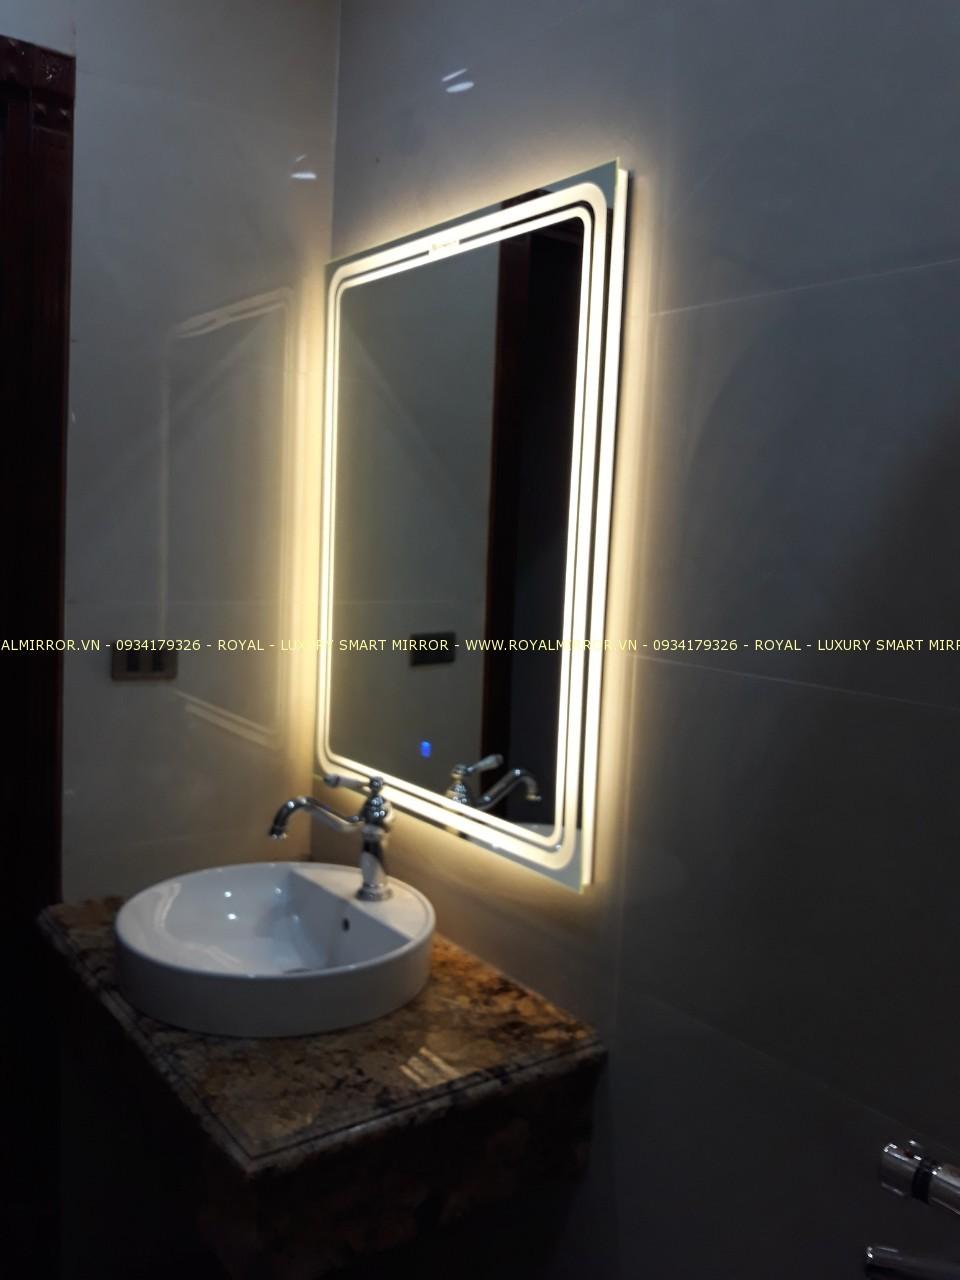 Gương thông minh cao cấp cho bàn lavabo phòng tắm. KT 60*80 . Đèn cảm ứng. Mã RCN8-68 LUX